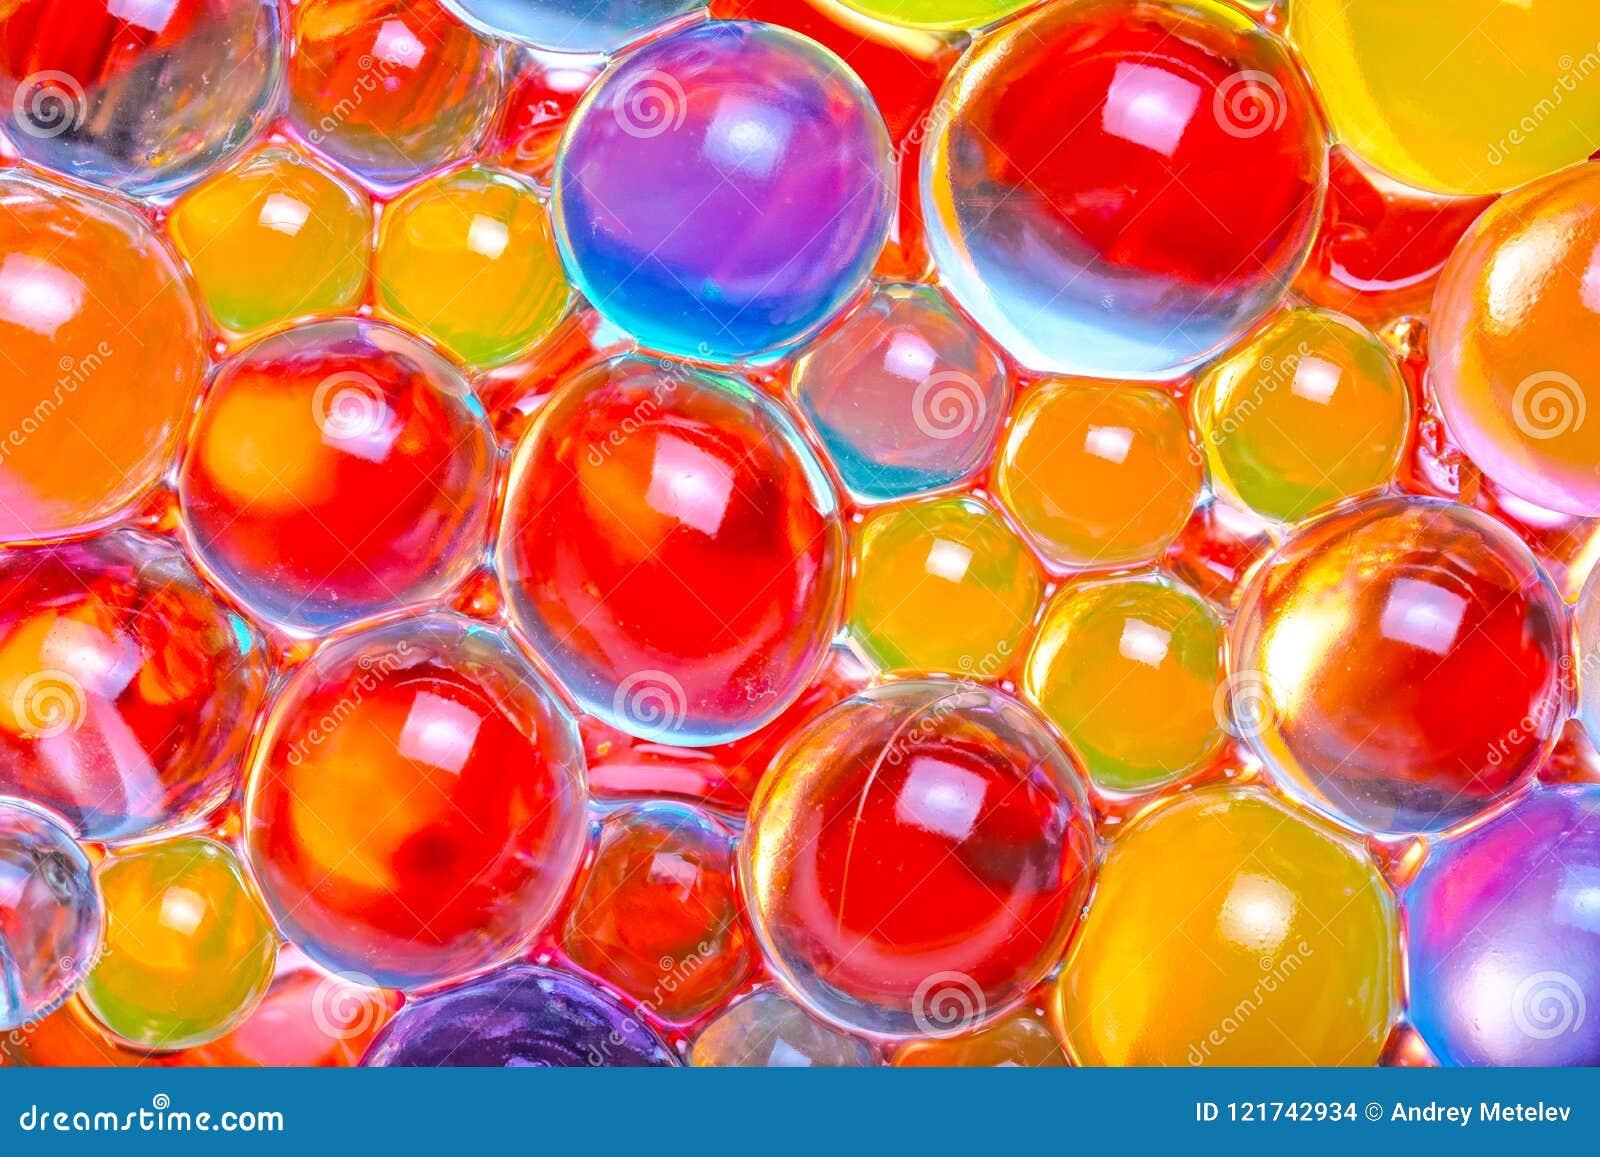 Close-up de grânulos multi-coloridos do hydrogel